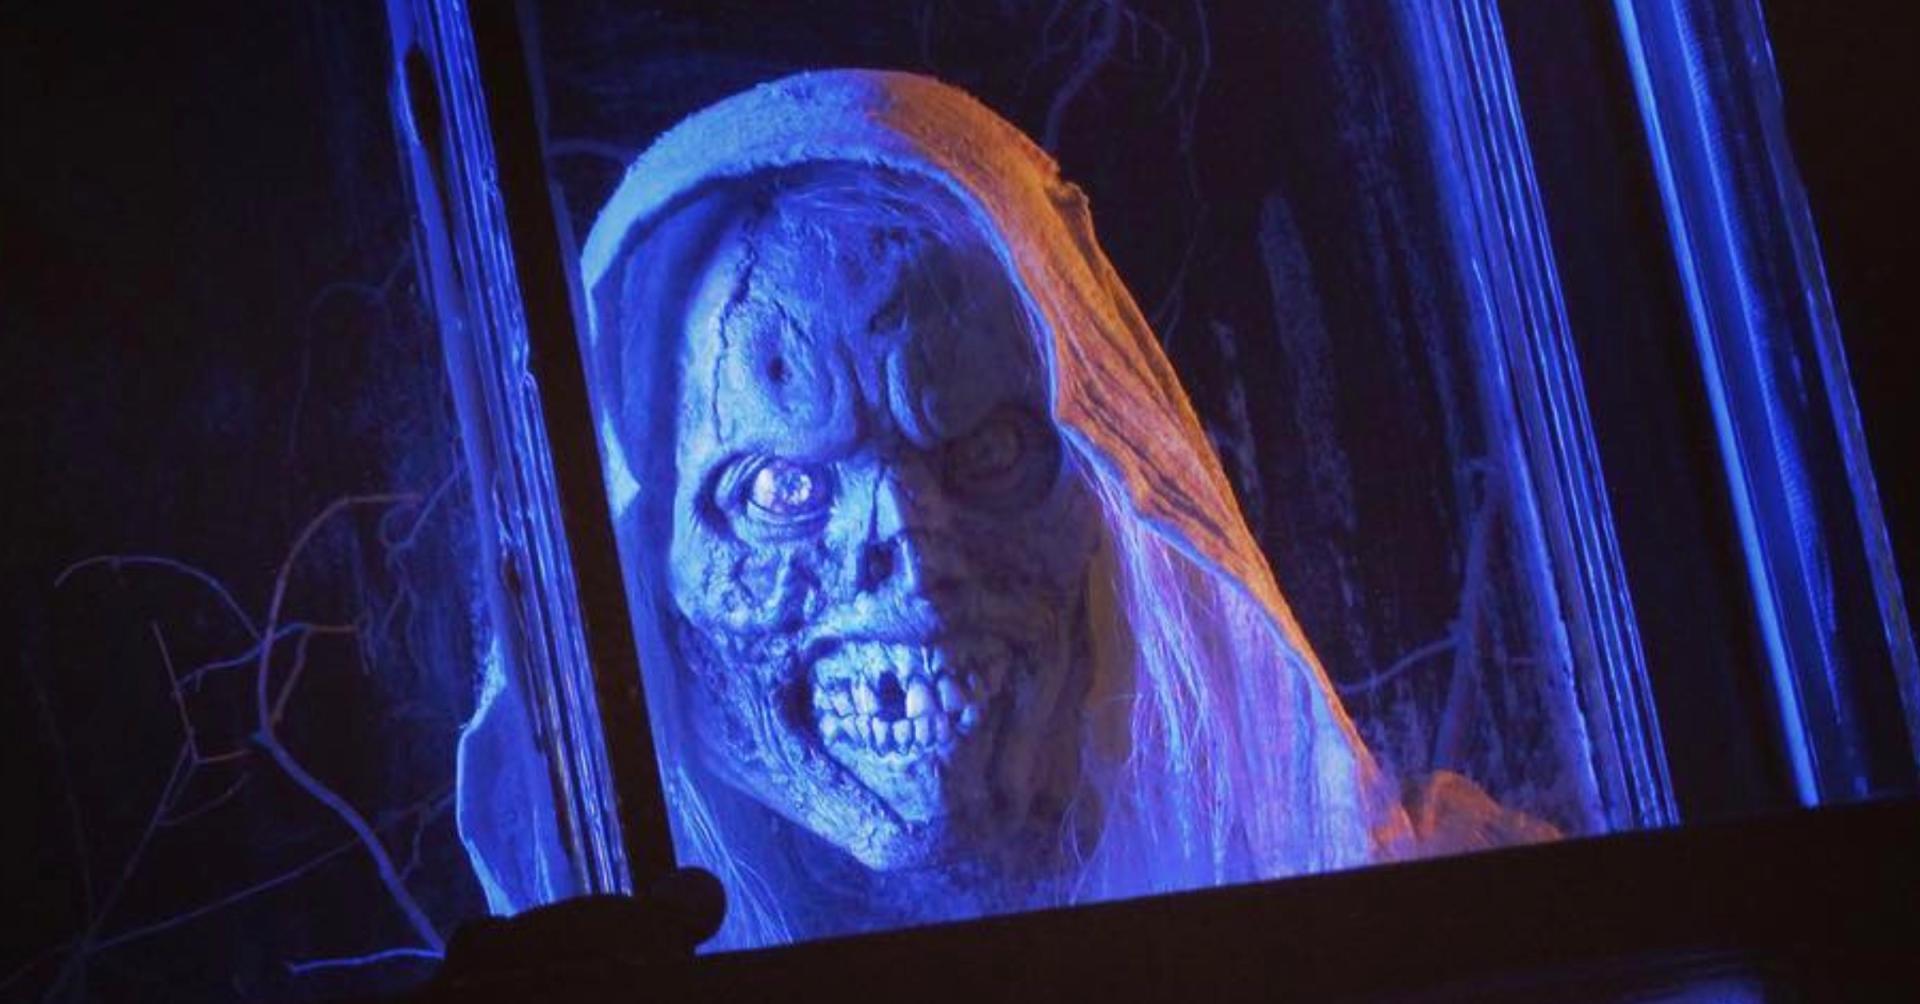 Ősszel visszatér a Creepshow